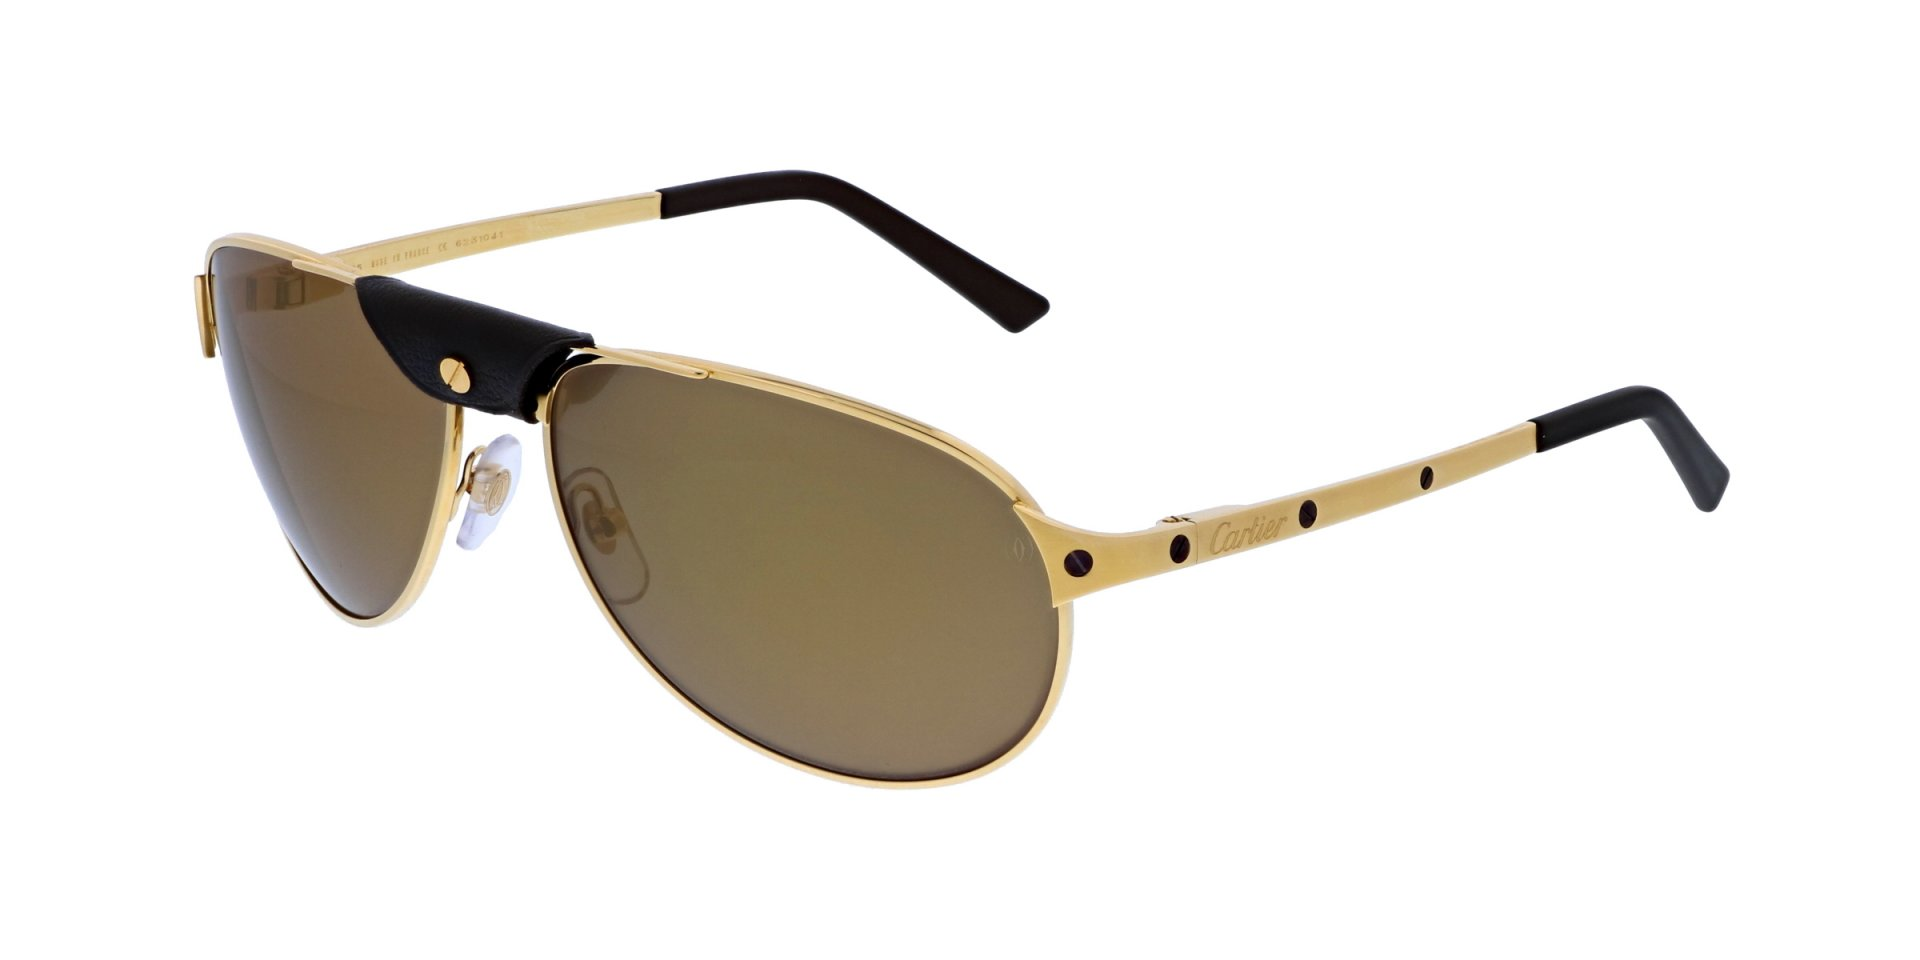 7591bf87925 Sunglasses CARTIER